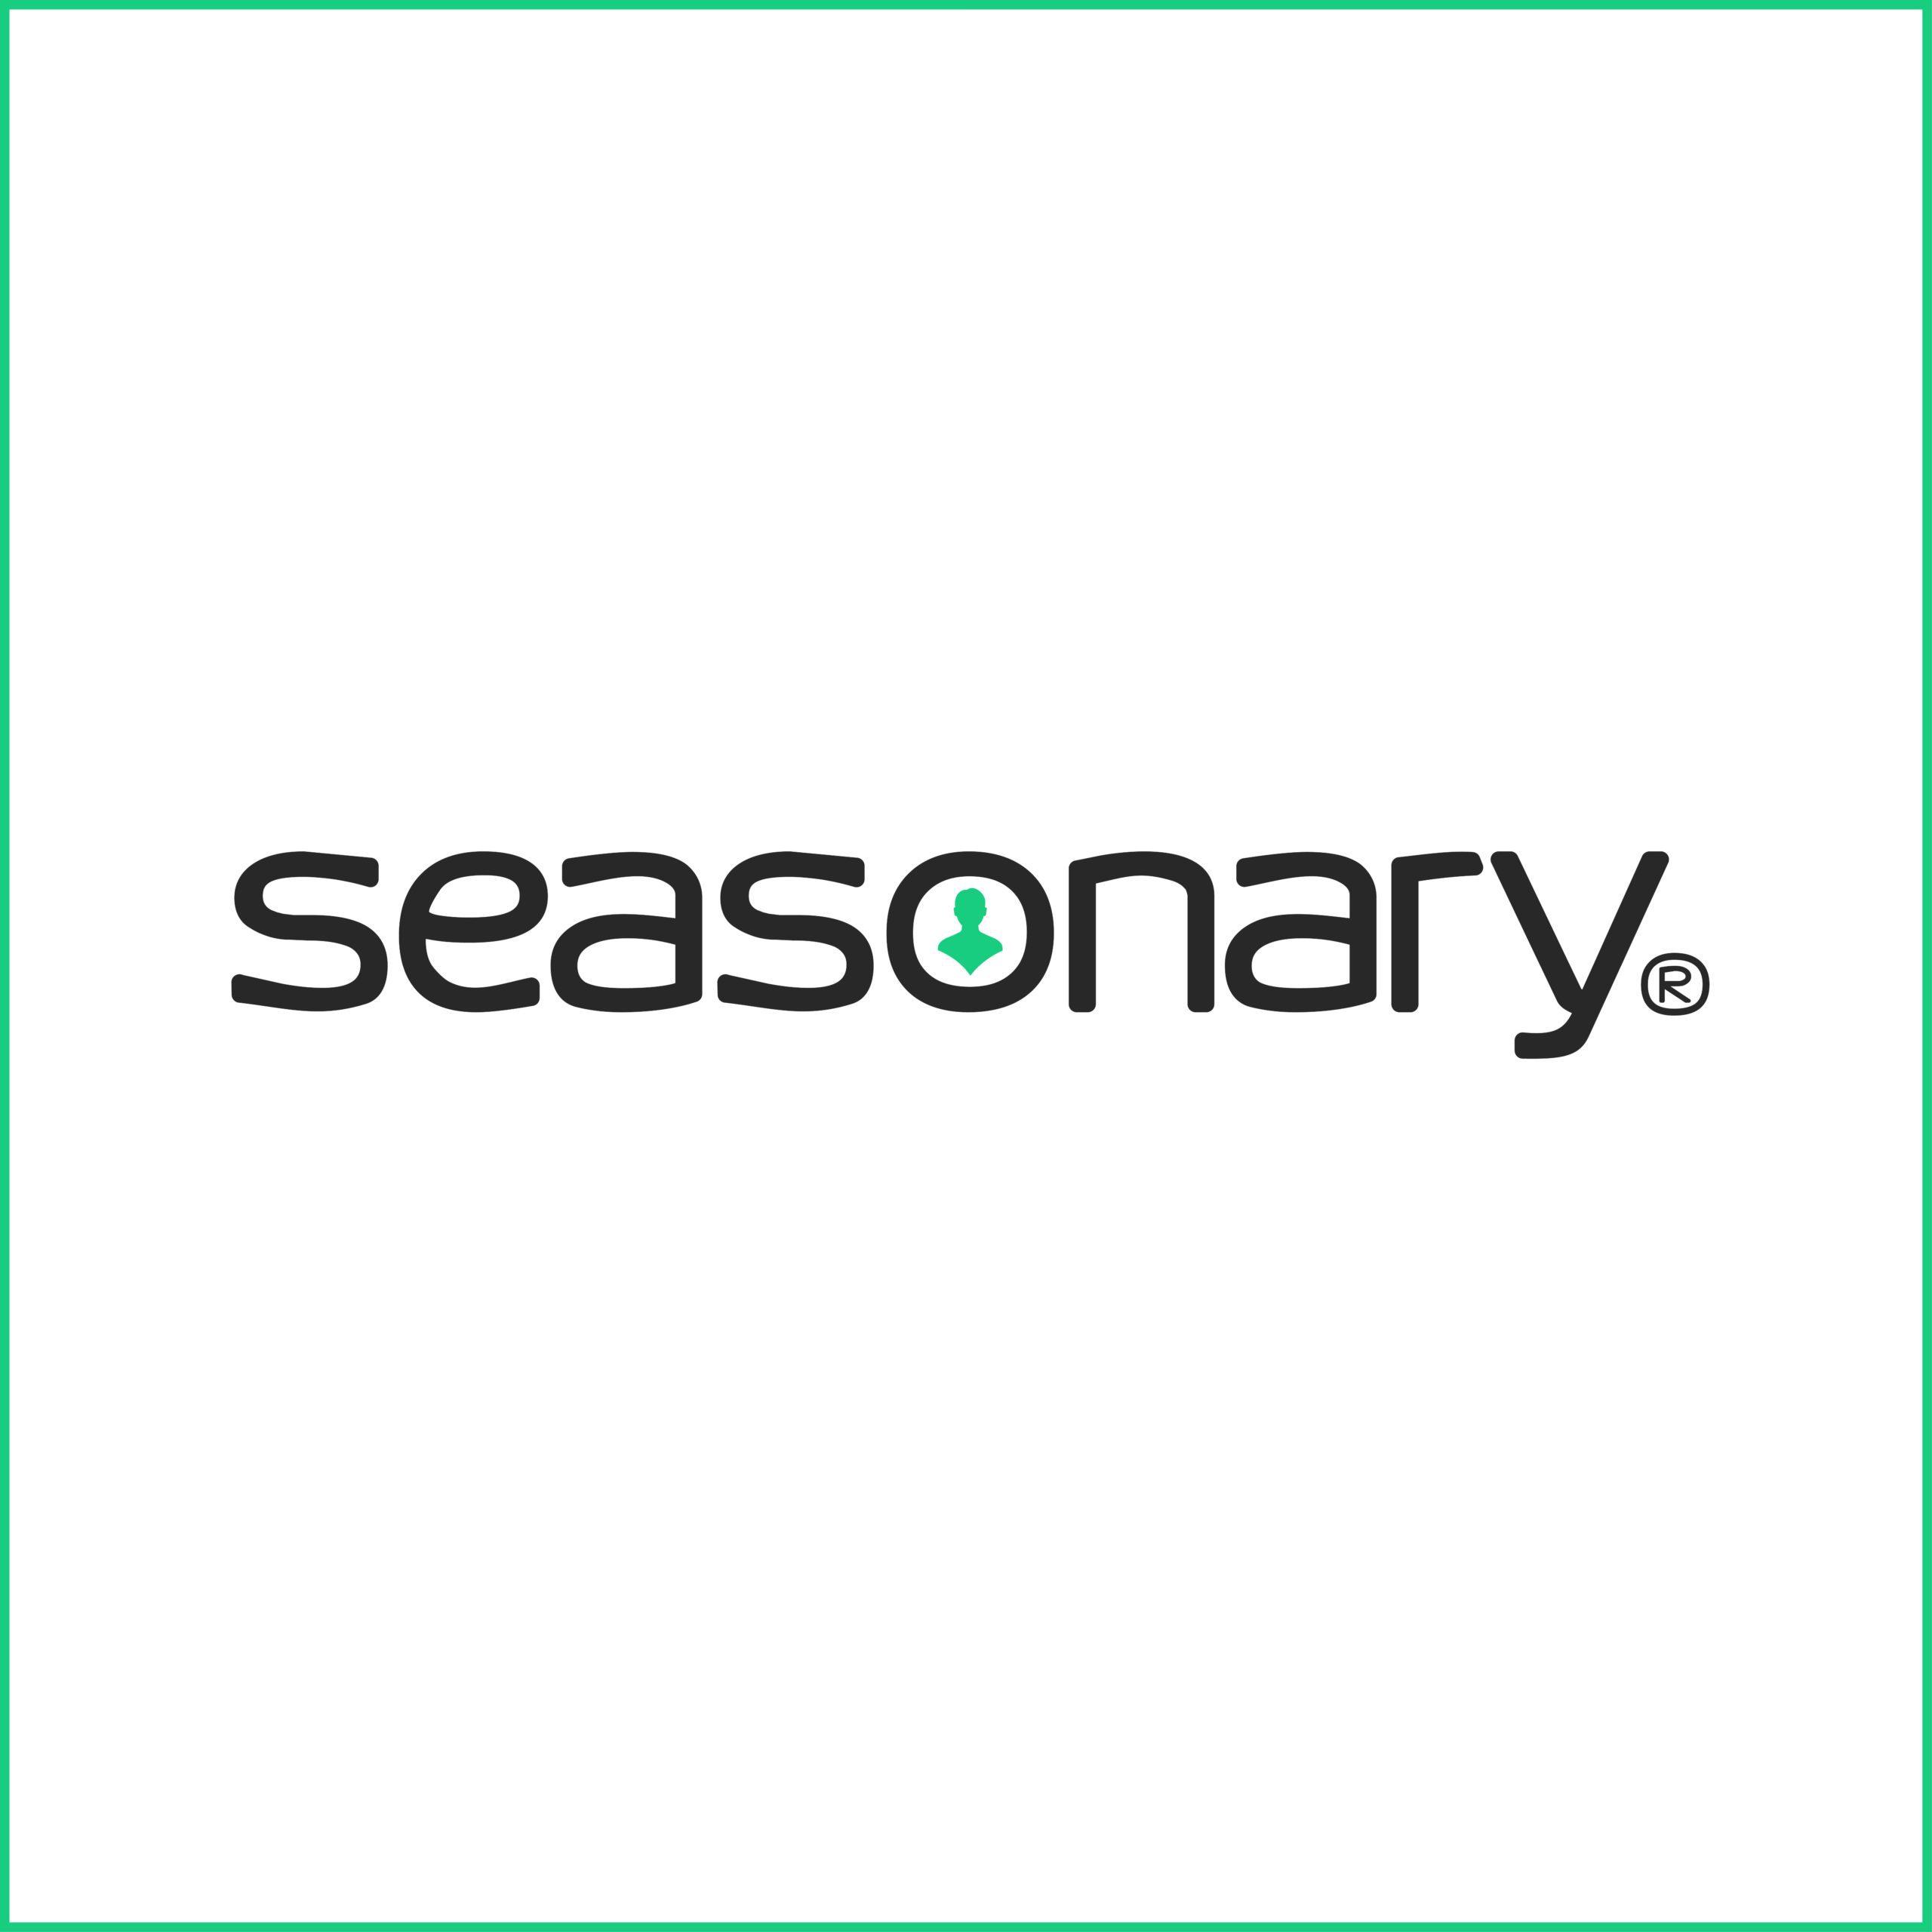 SMACK Hospitality Media | Seasonary